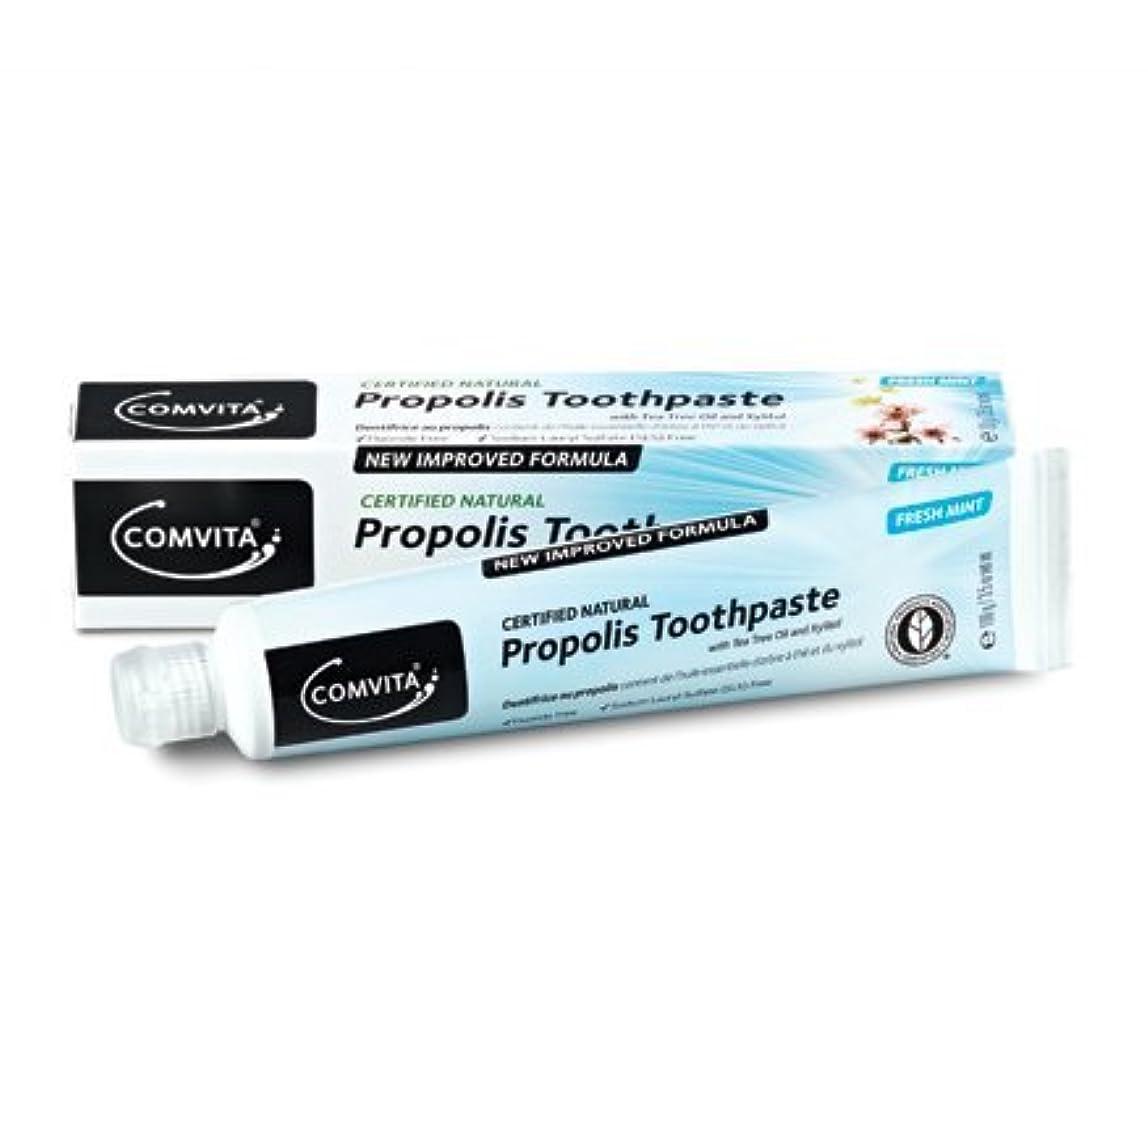 繰り返す結果耐えられる100% ナチュラル プロポリス 歯磨き粉 PROPOLIS TOOTHPASTE 100g [並行輸入品]